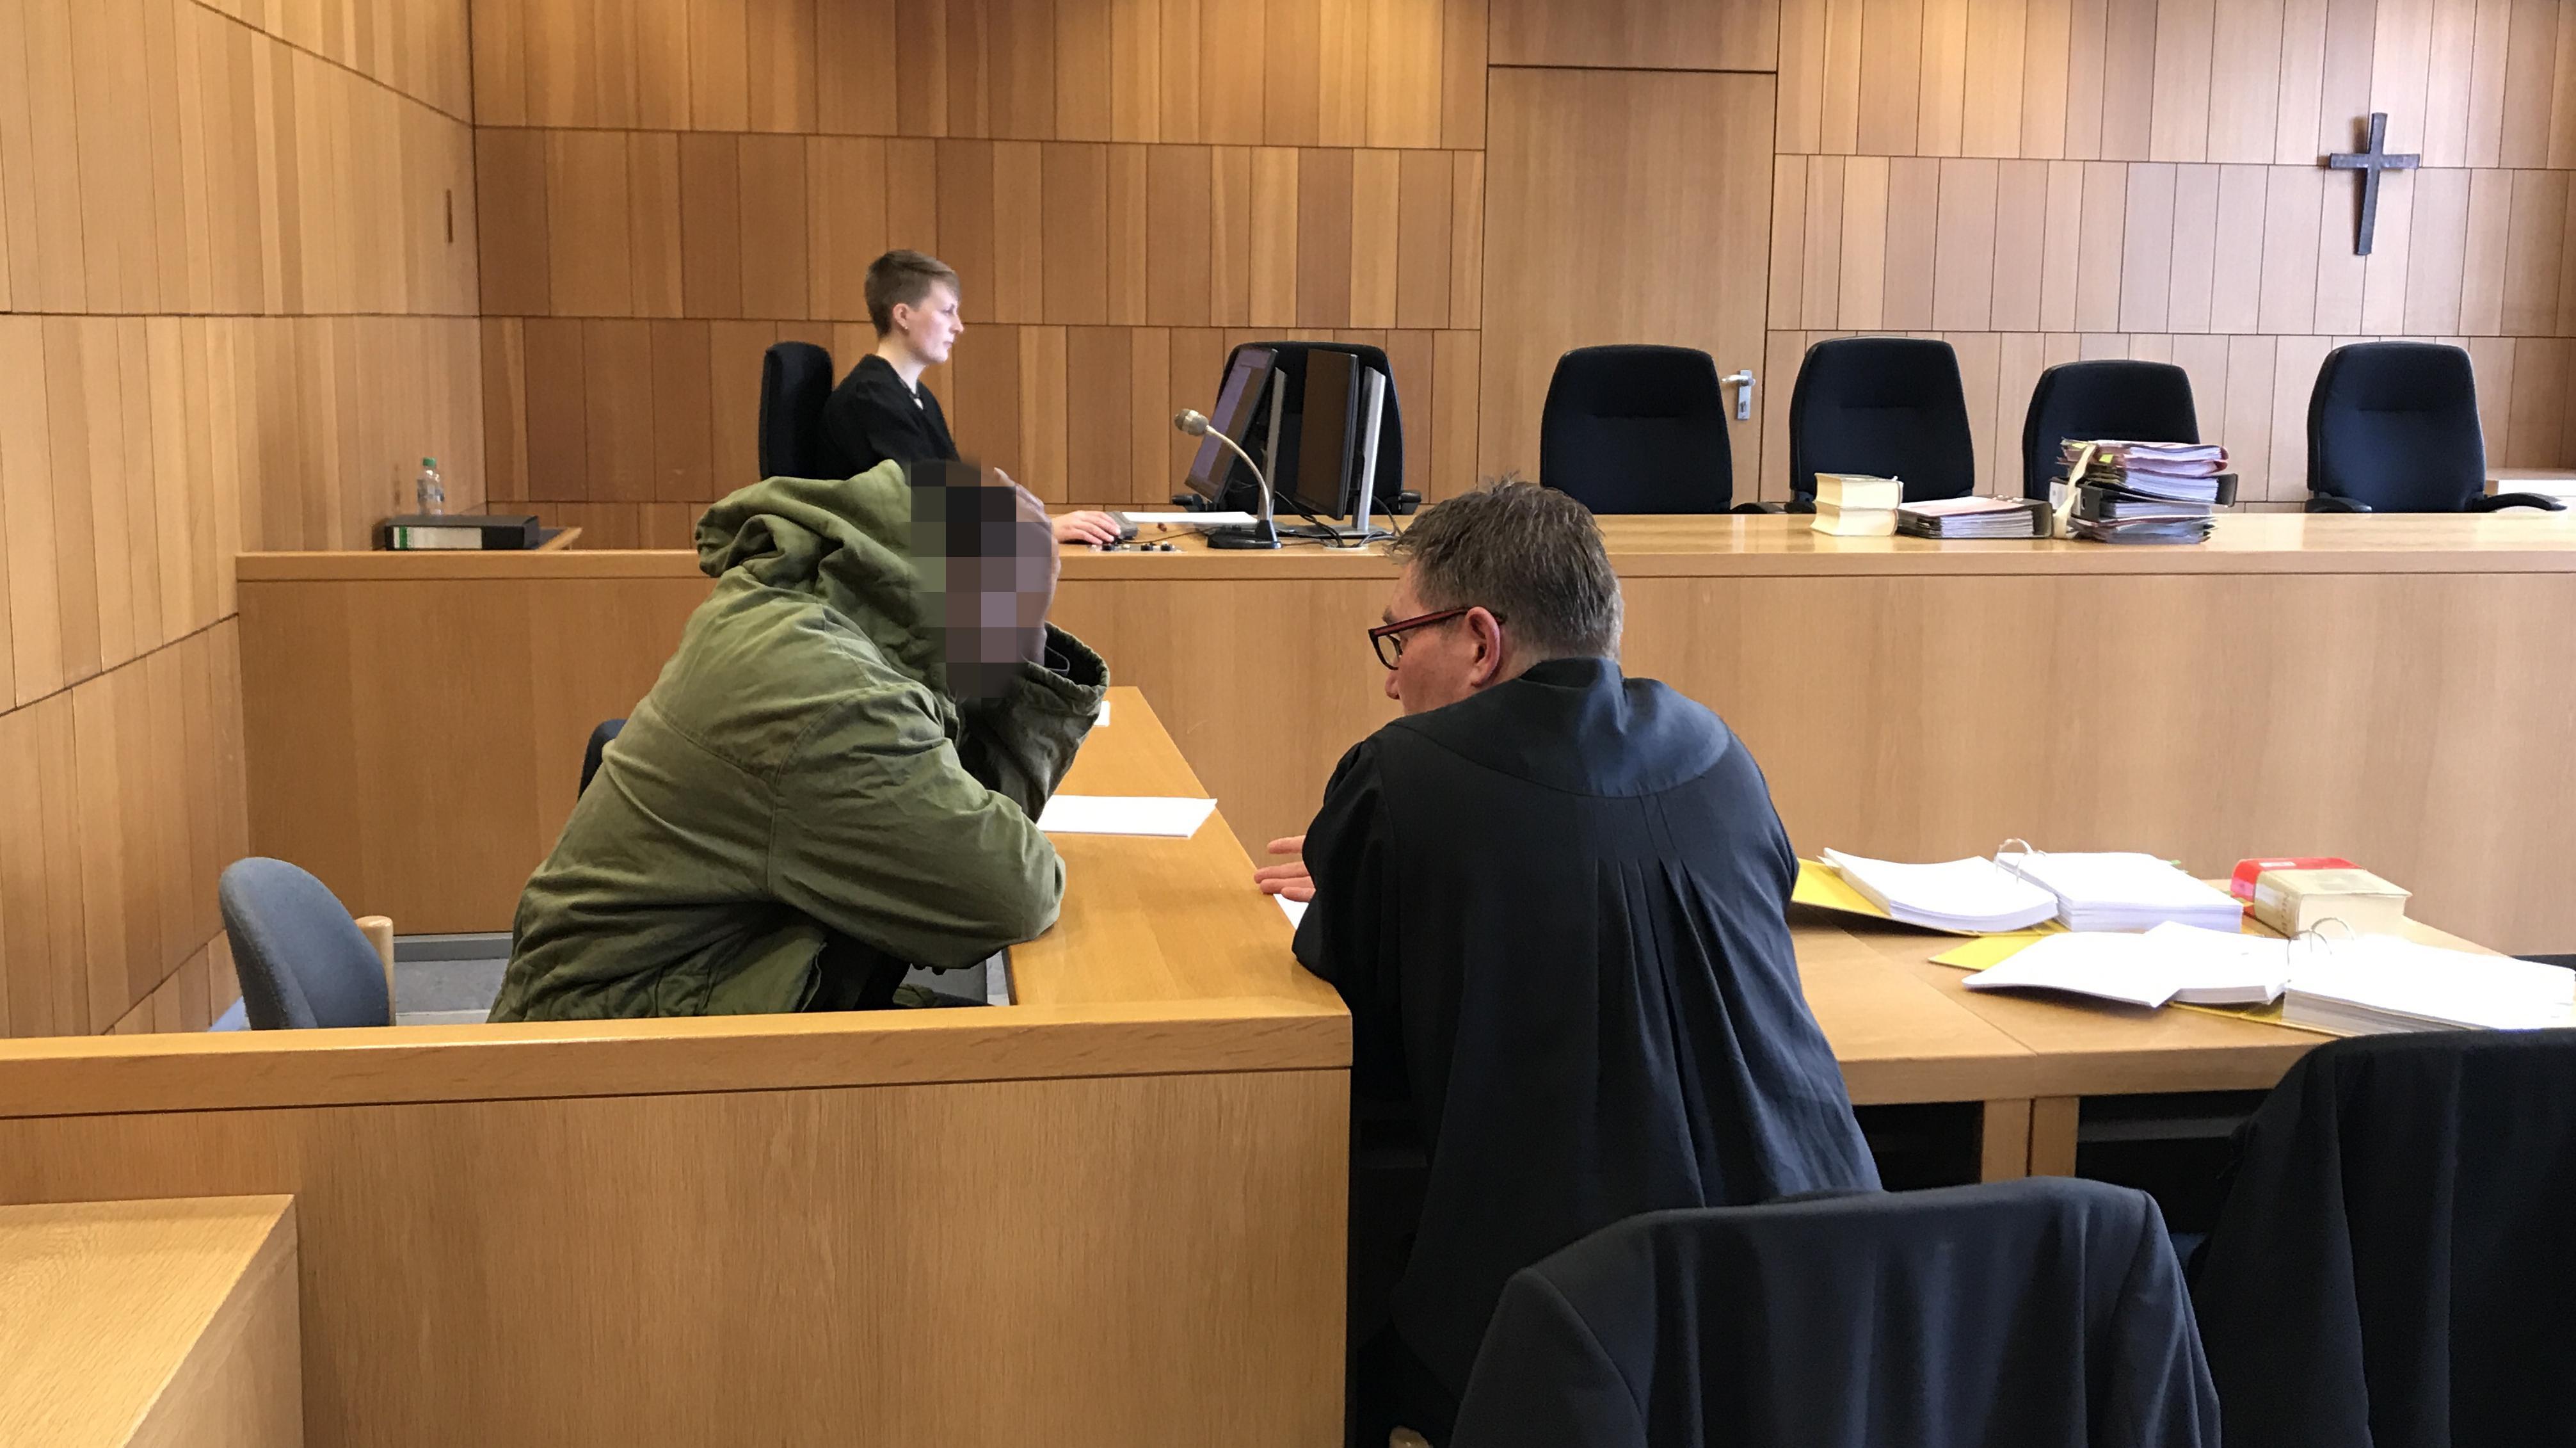 Der Angeklagte mit seinem Verteidiger im Gerichtssaal